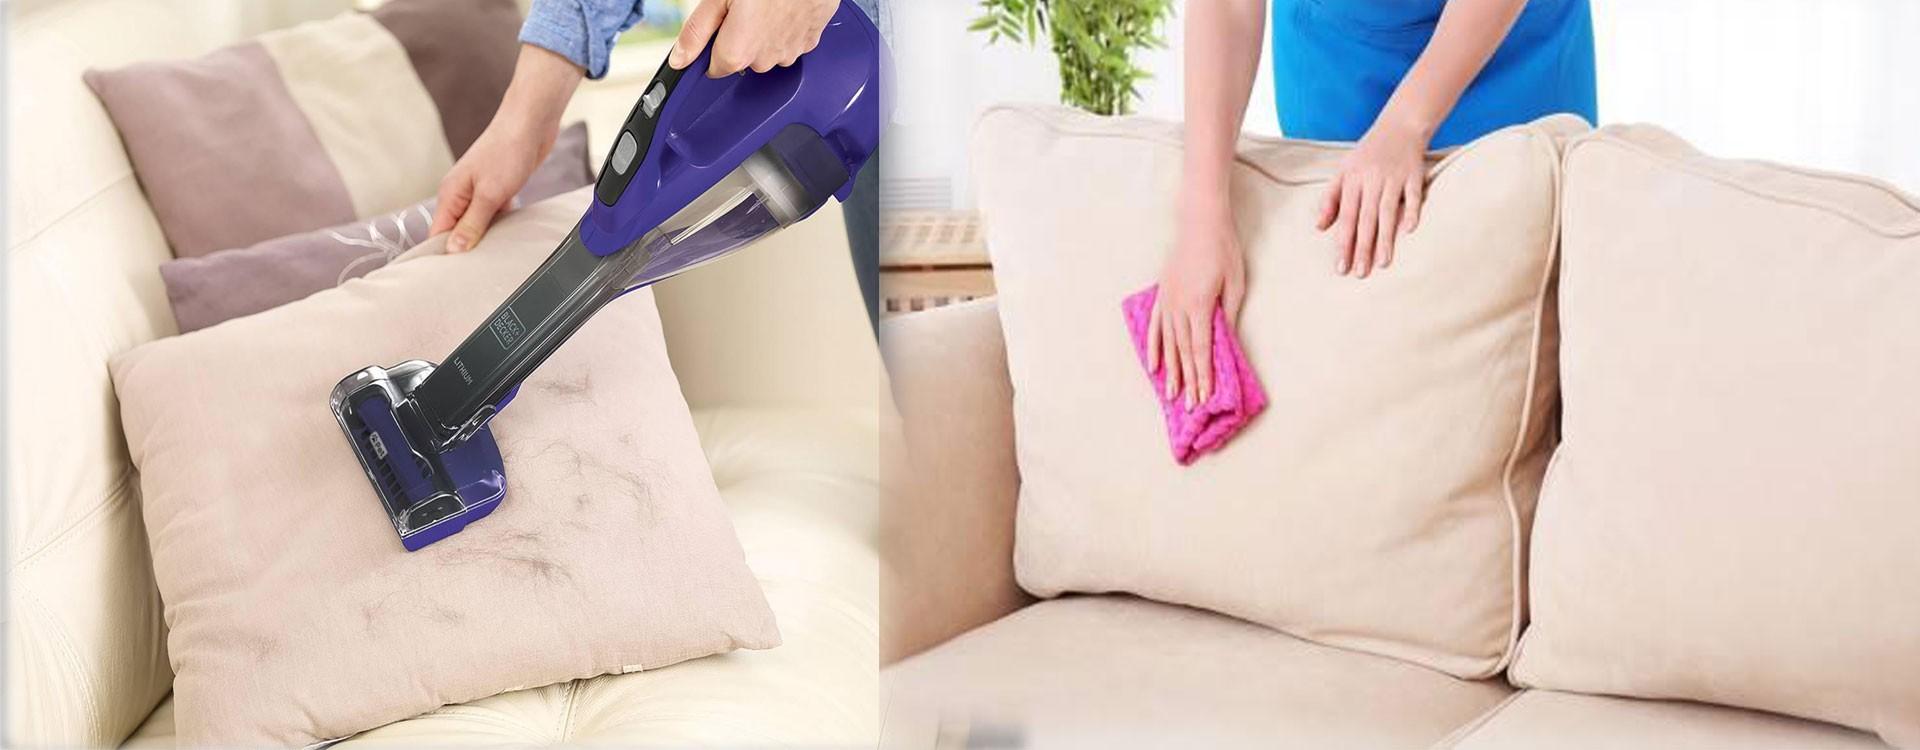 Metodi Facili E Veloci Per Pulire E Igienizzare Tessili E Cuscini Arredo